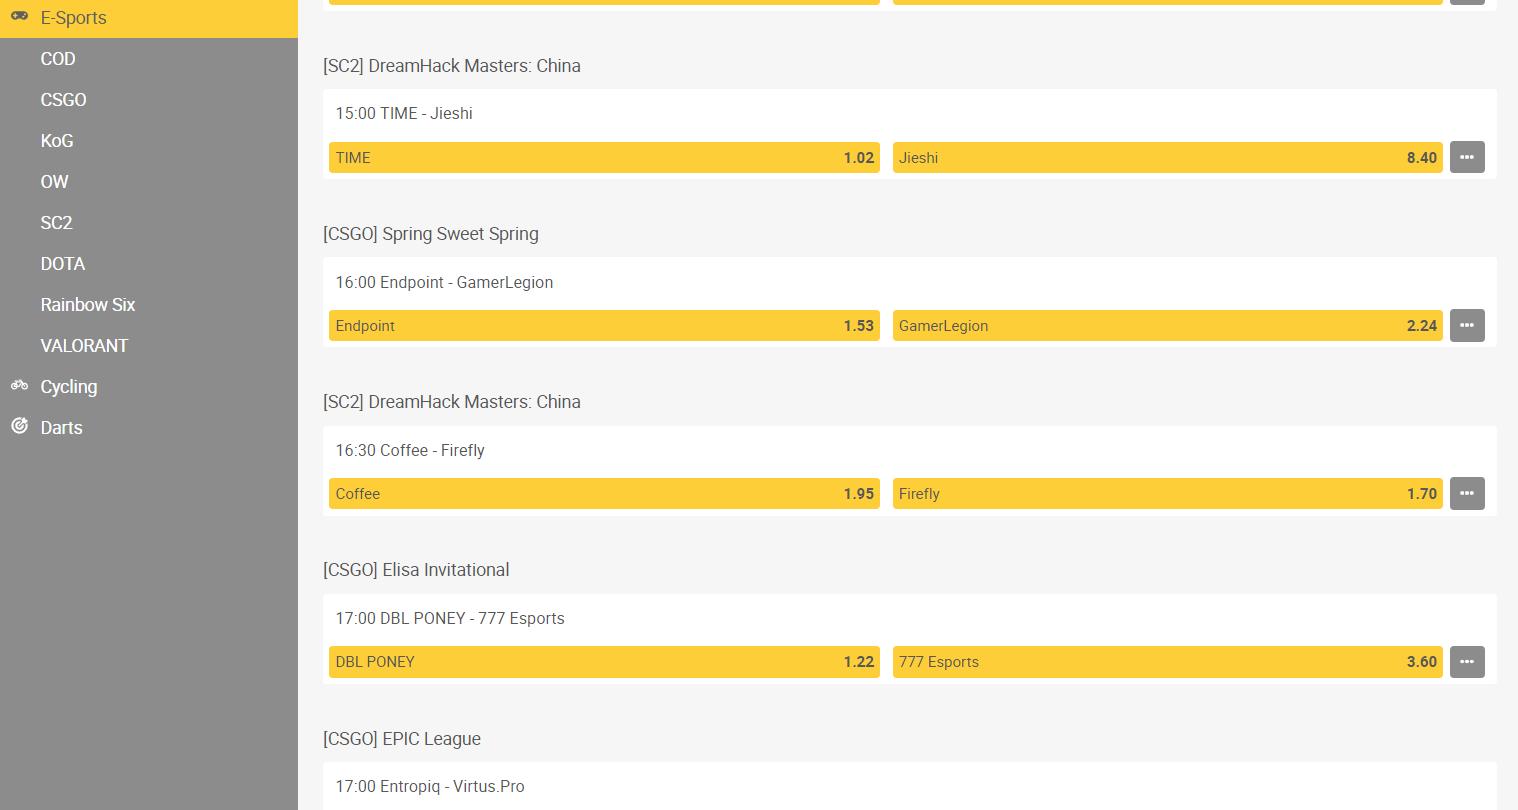 reloadbet esports-komarbet.com